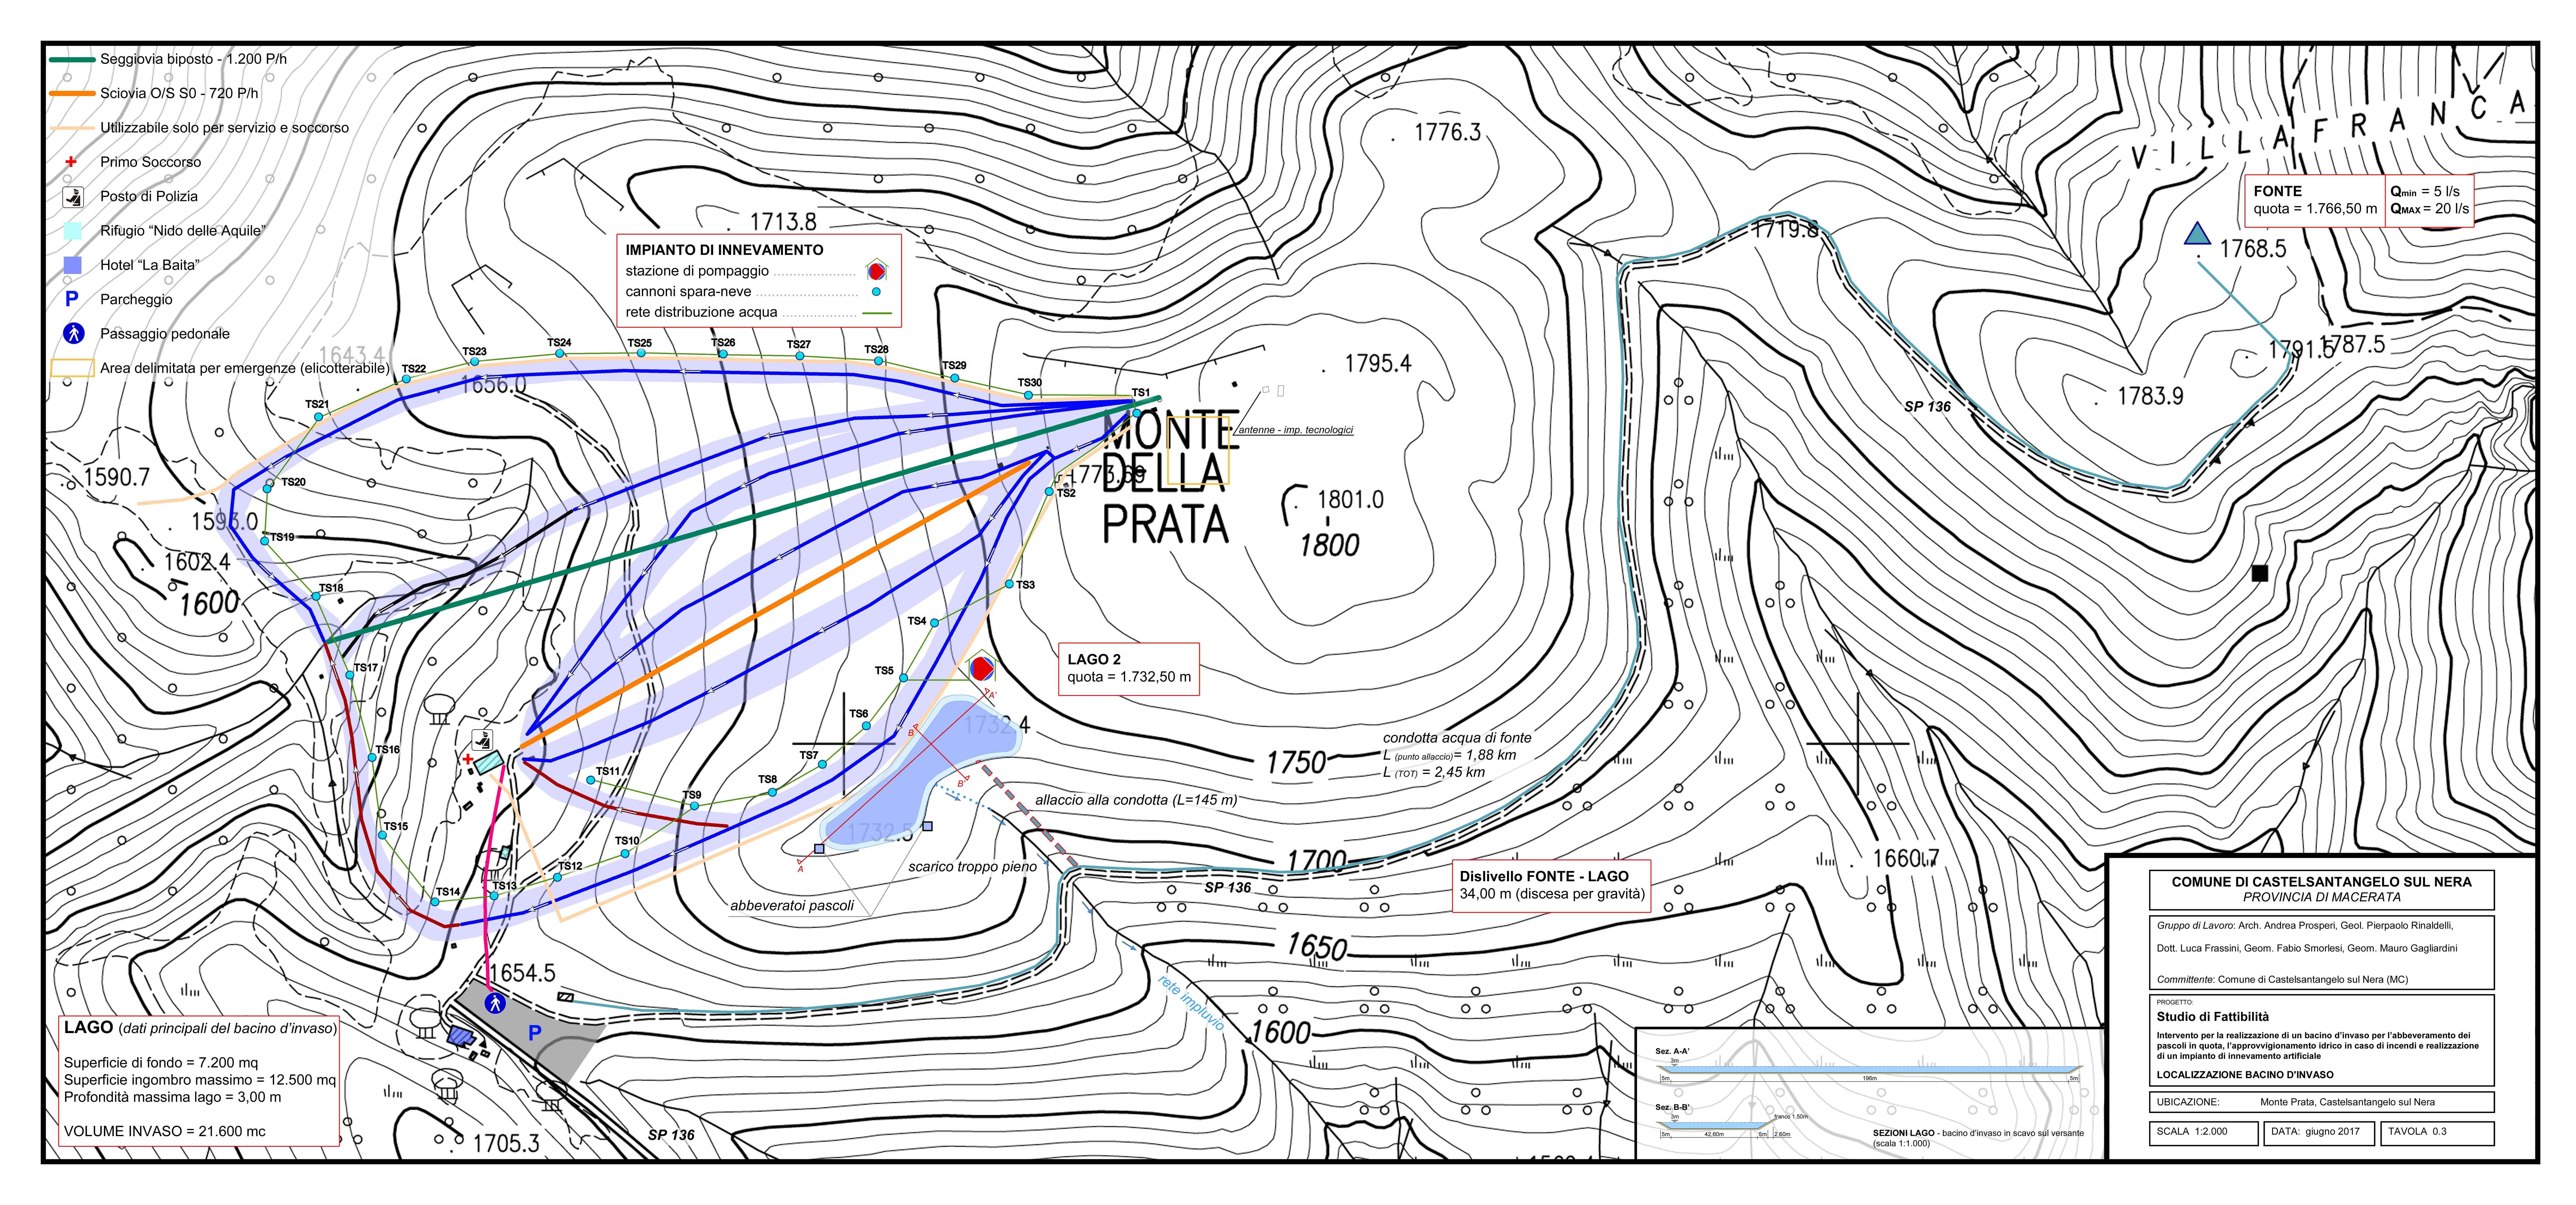 Il dopo terremoto, sul Monte Prata un invaso per restituire l acqua ai pascoli